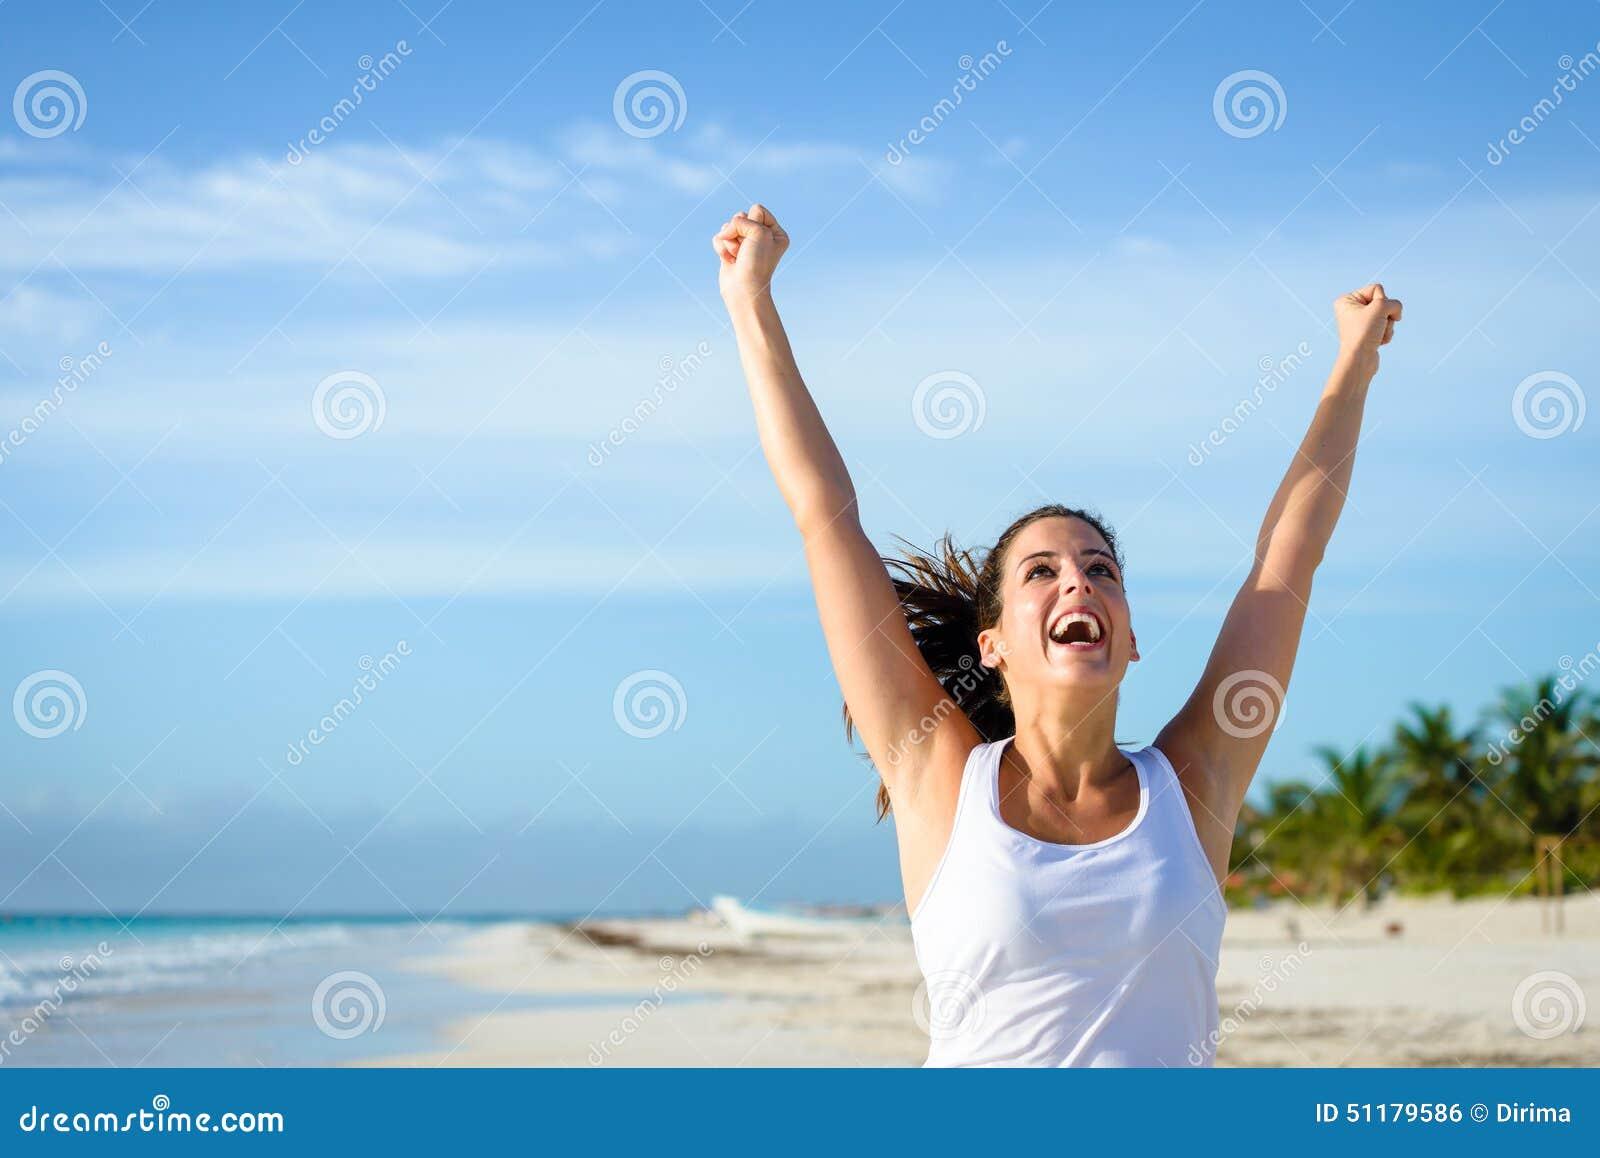 Успешная sporty женщина бежать на тропическом пляже